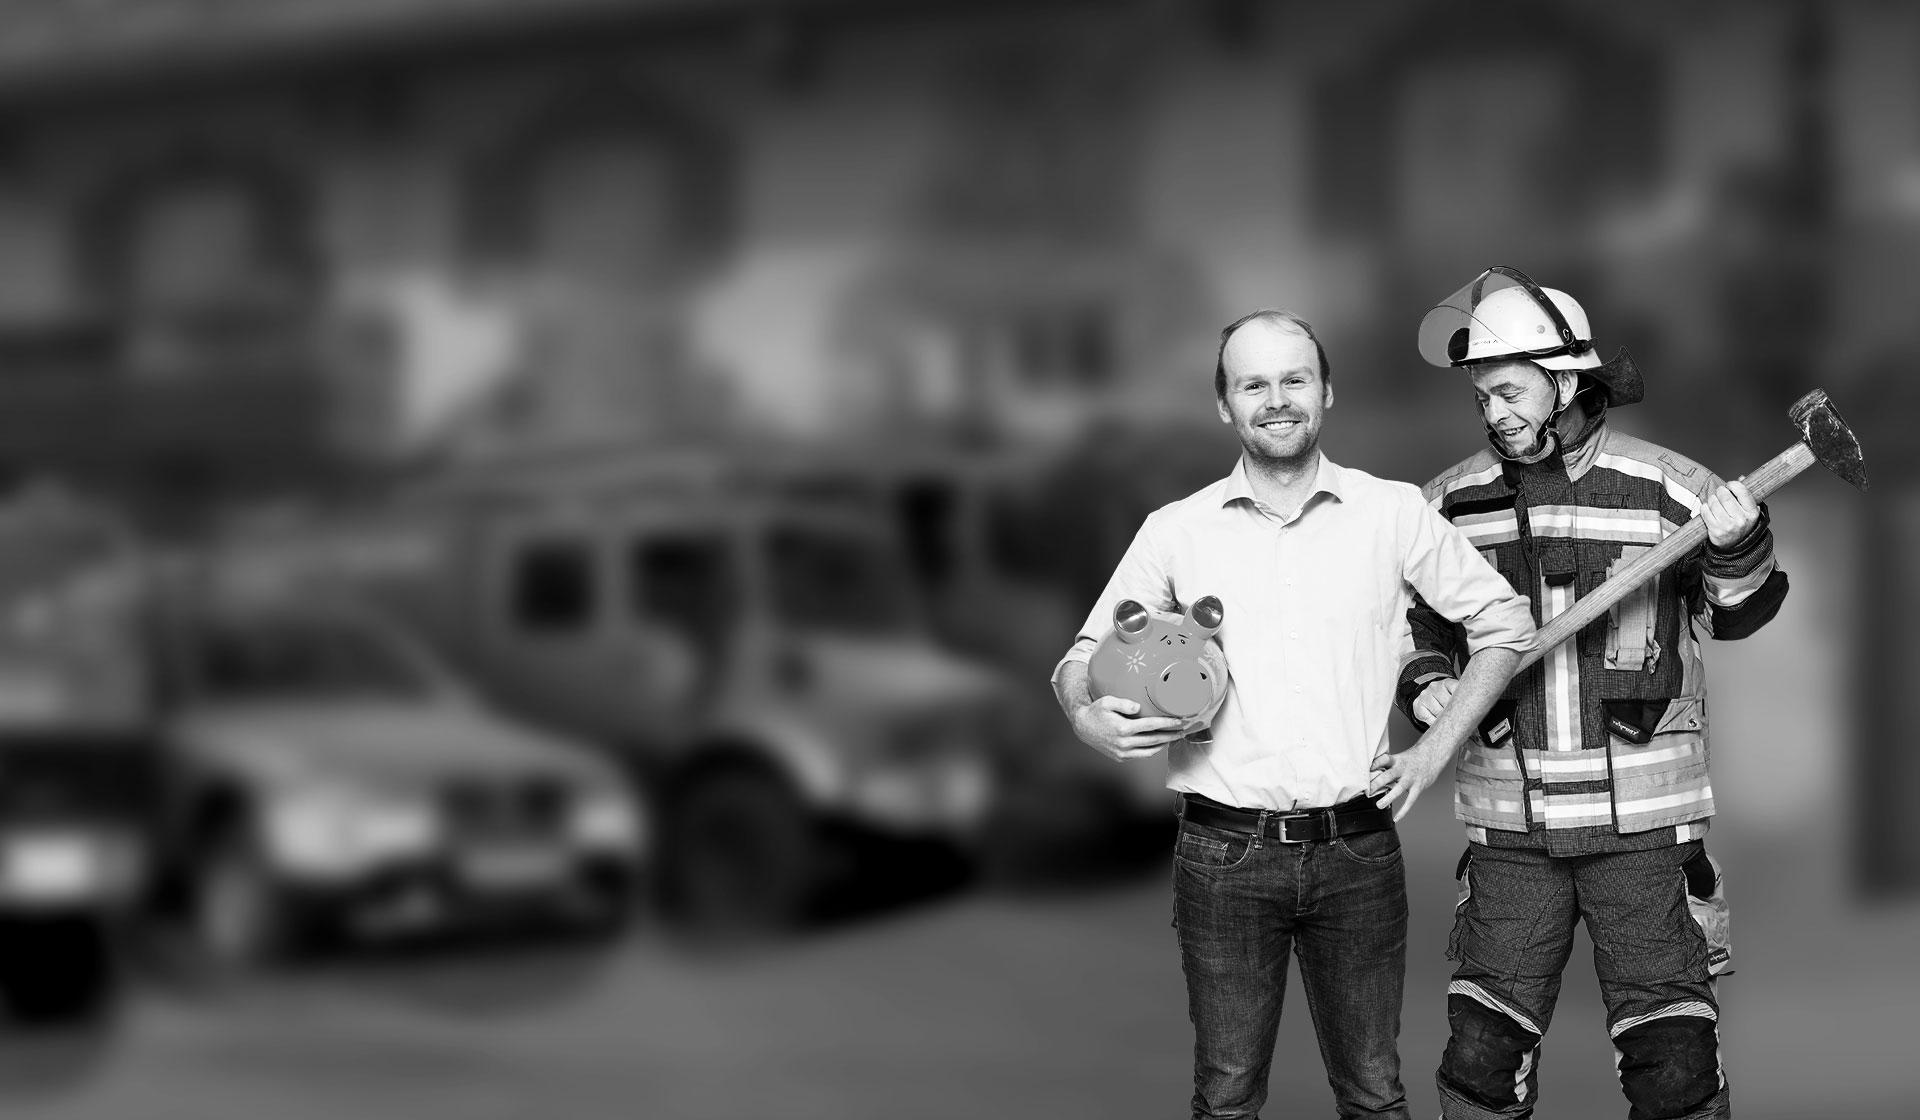 Feuerwehr Fahrzeuge Mann mit Sparschwein Feuerwehrmann